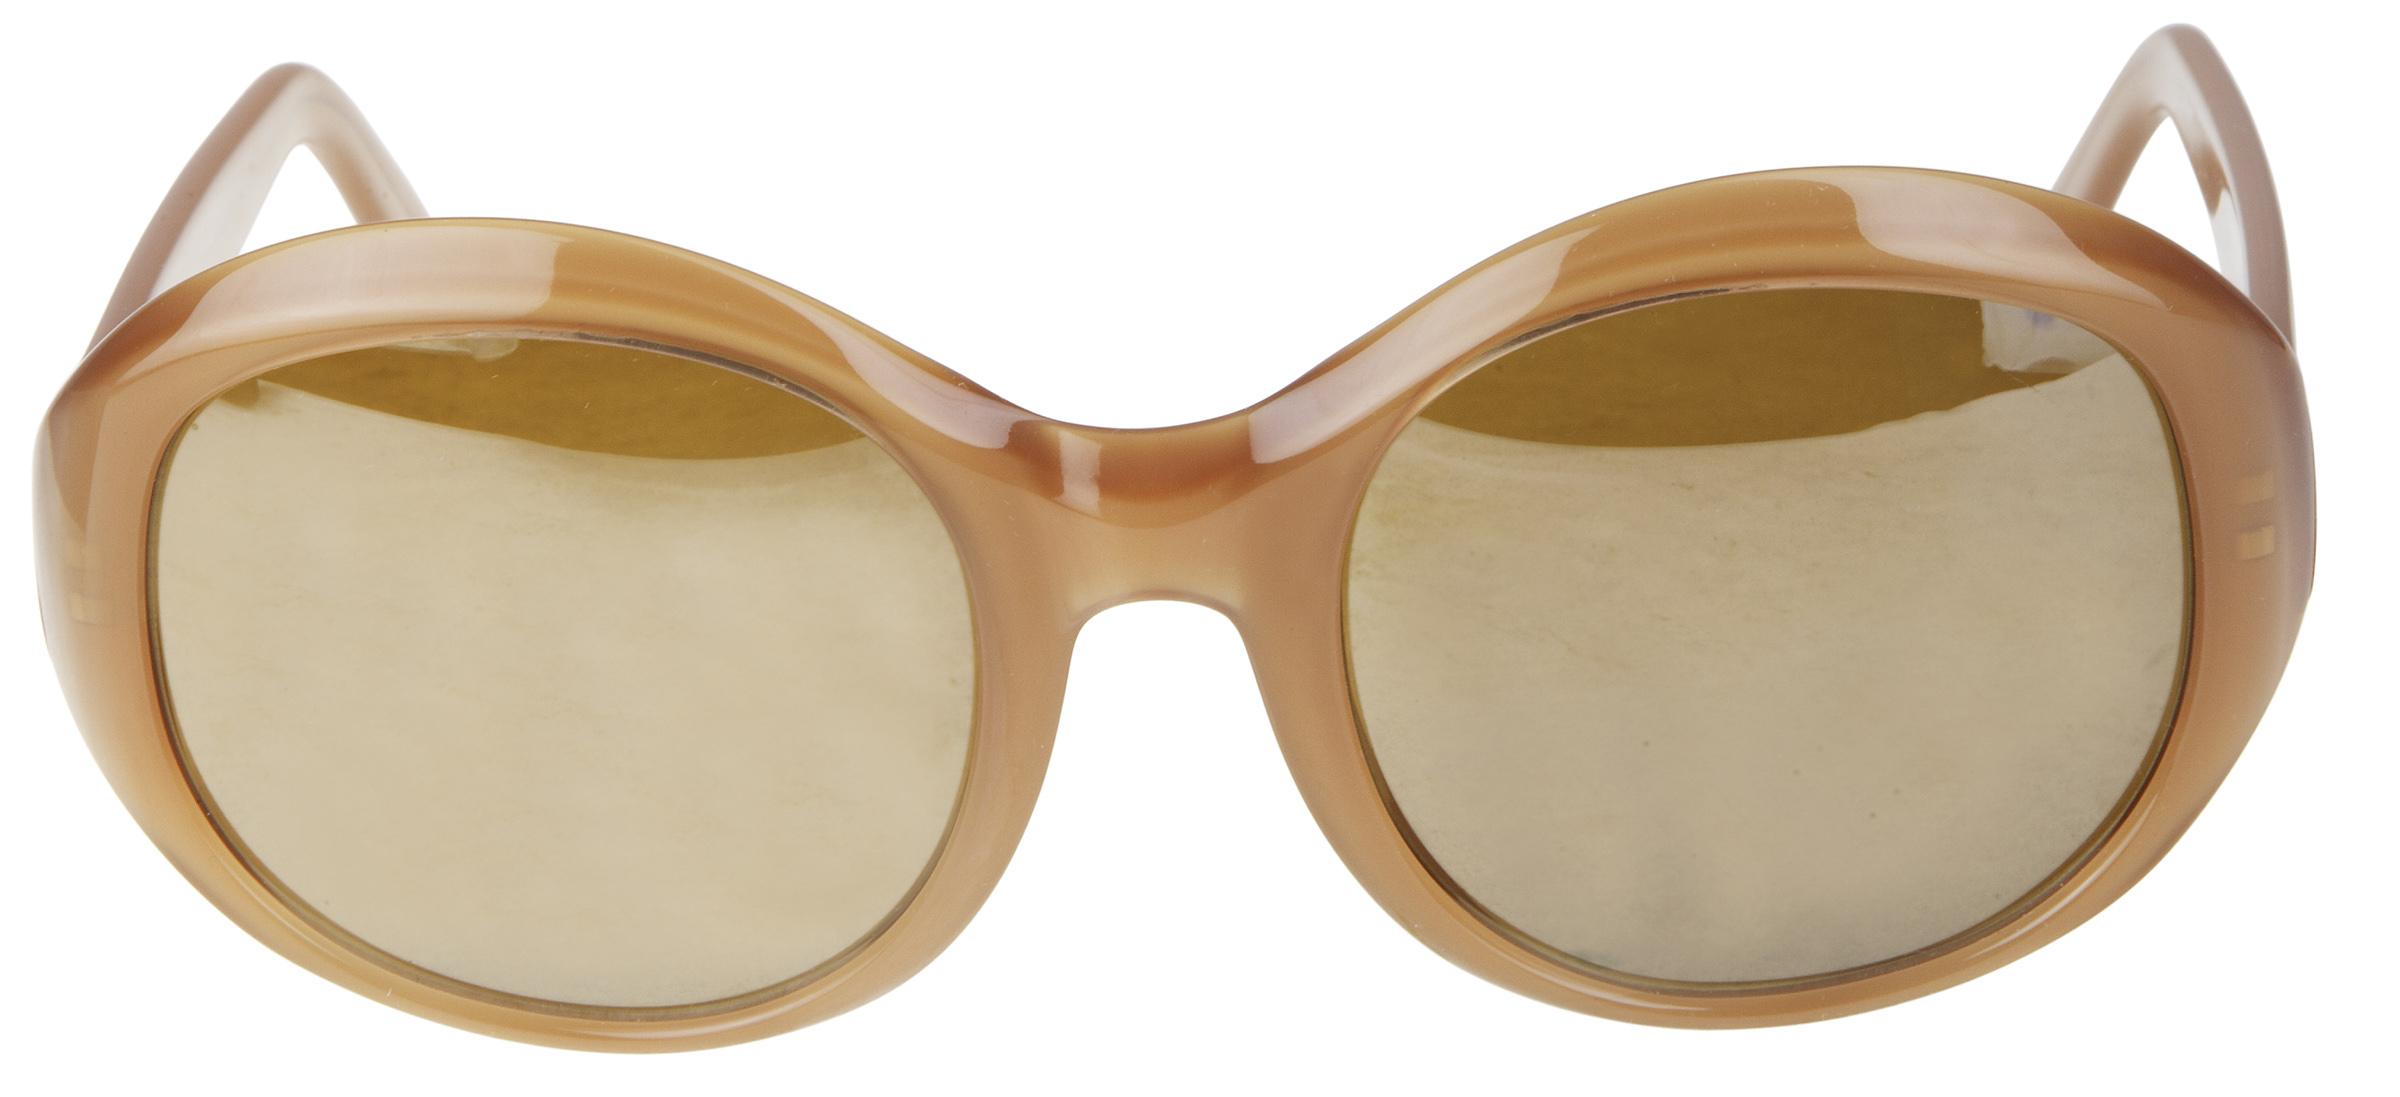 Cómo reparar rasguños en las gafas de sol  